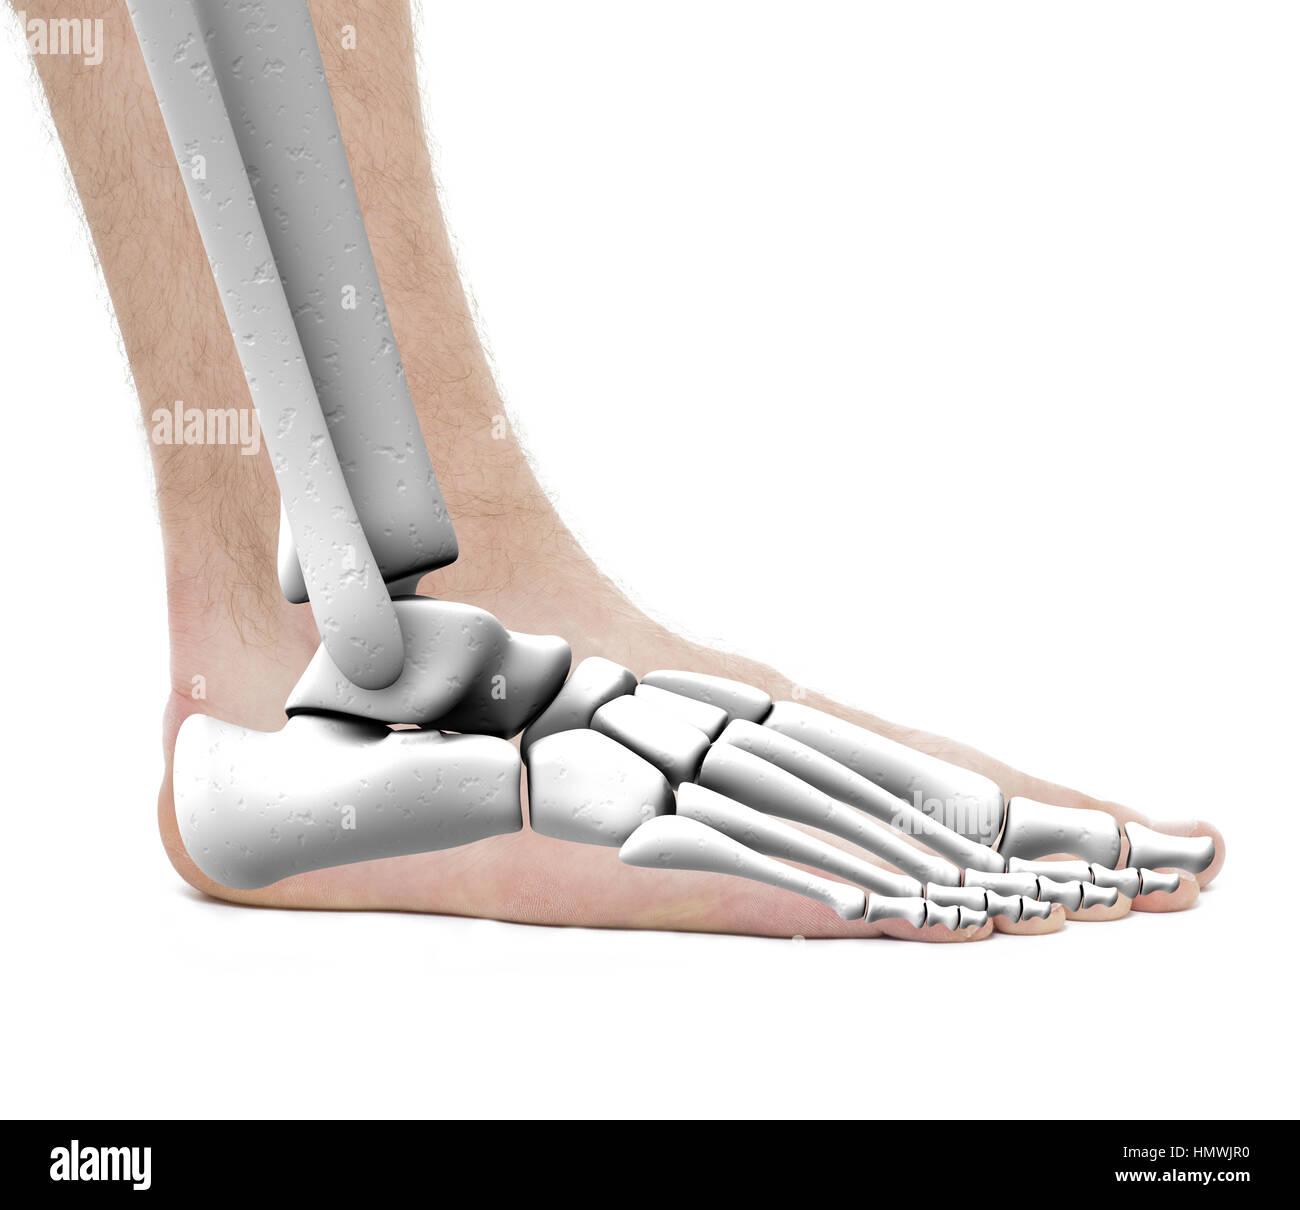 Fuß Sprunggelenk Knochen - Anatomie-männlich - Studio Foto isoliert ...